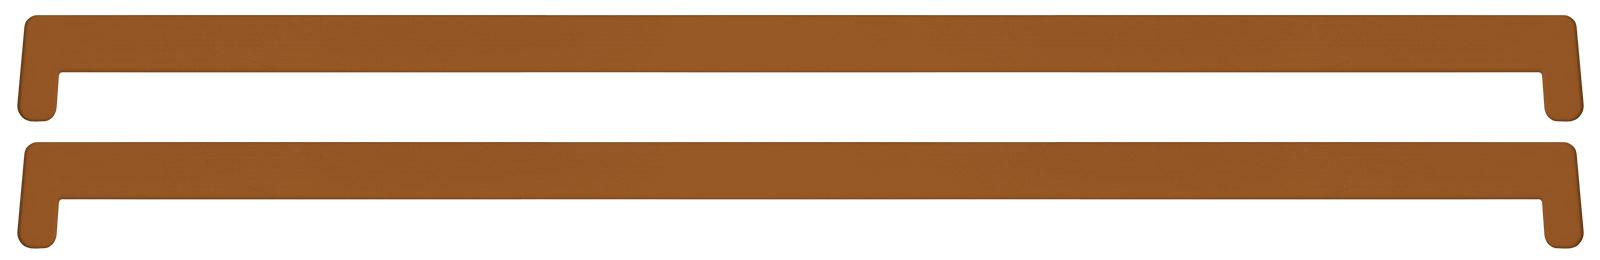 LPEKOCEP2-600 - Zlatni hrast 8001 čepovi 600 mm za EKO dasku